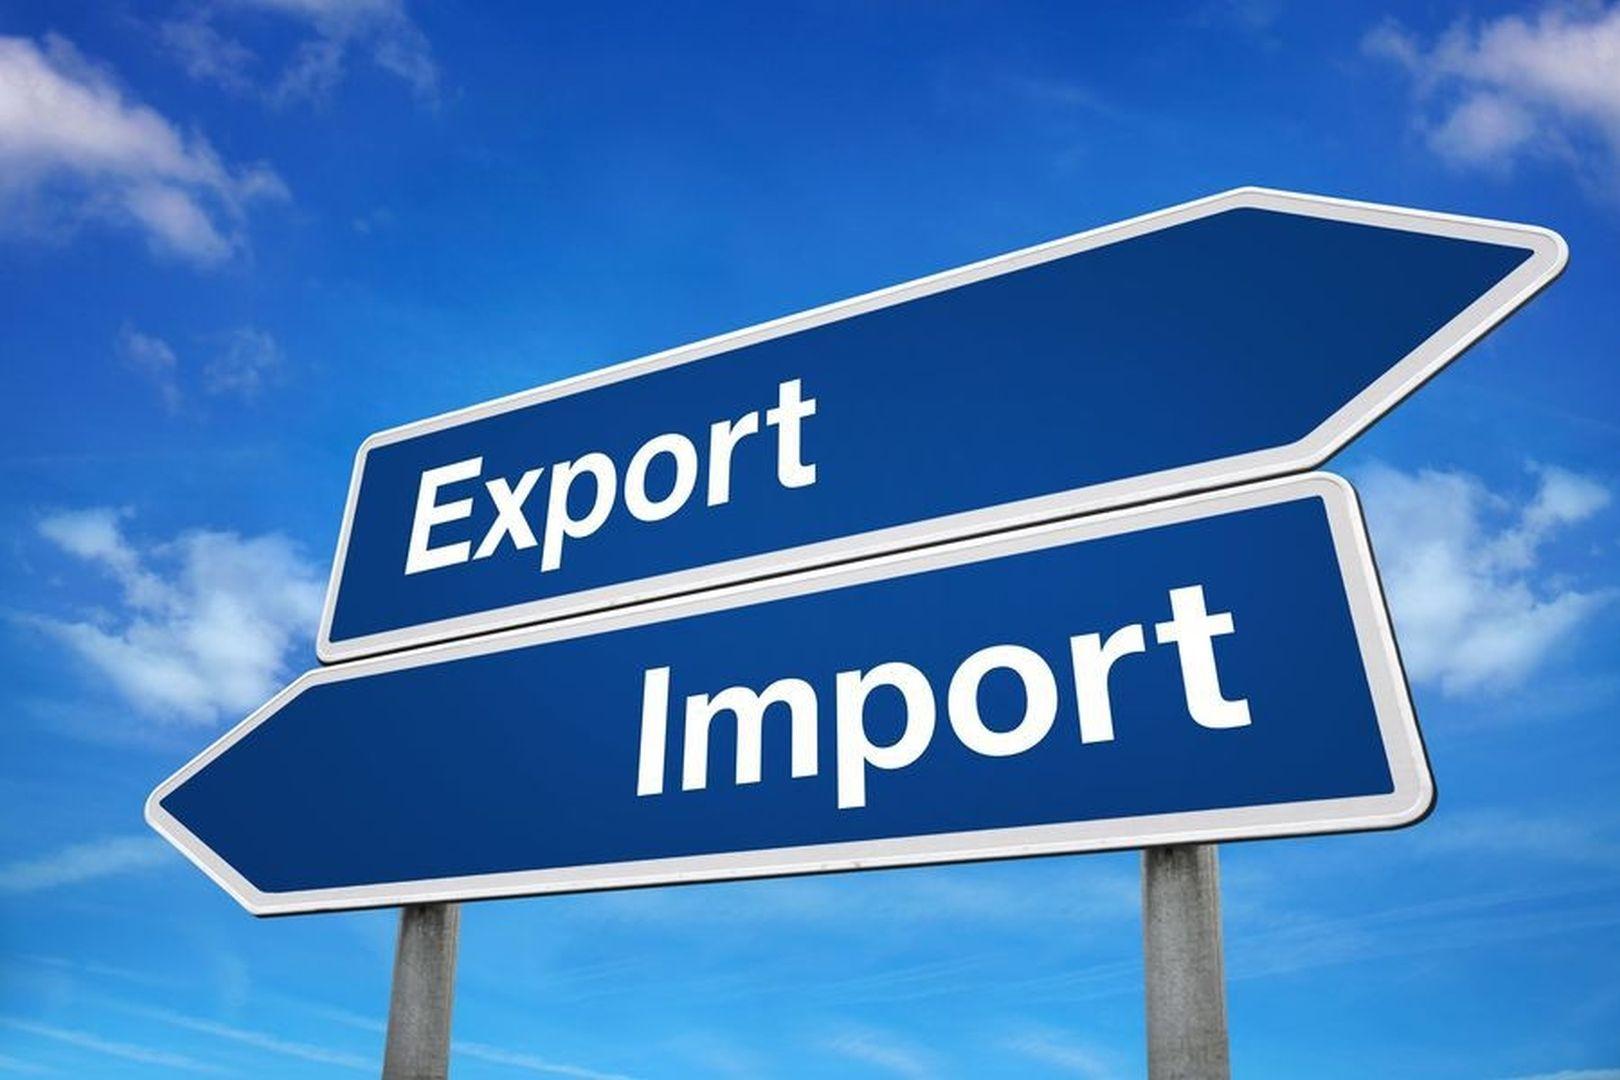 Положительное сальдо внешней торговли Казахстана выросло в 1,5 раза в 2018 году  , Экономика, Положительное сальдо, торговля, Статкомитет Минэкономики